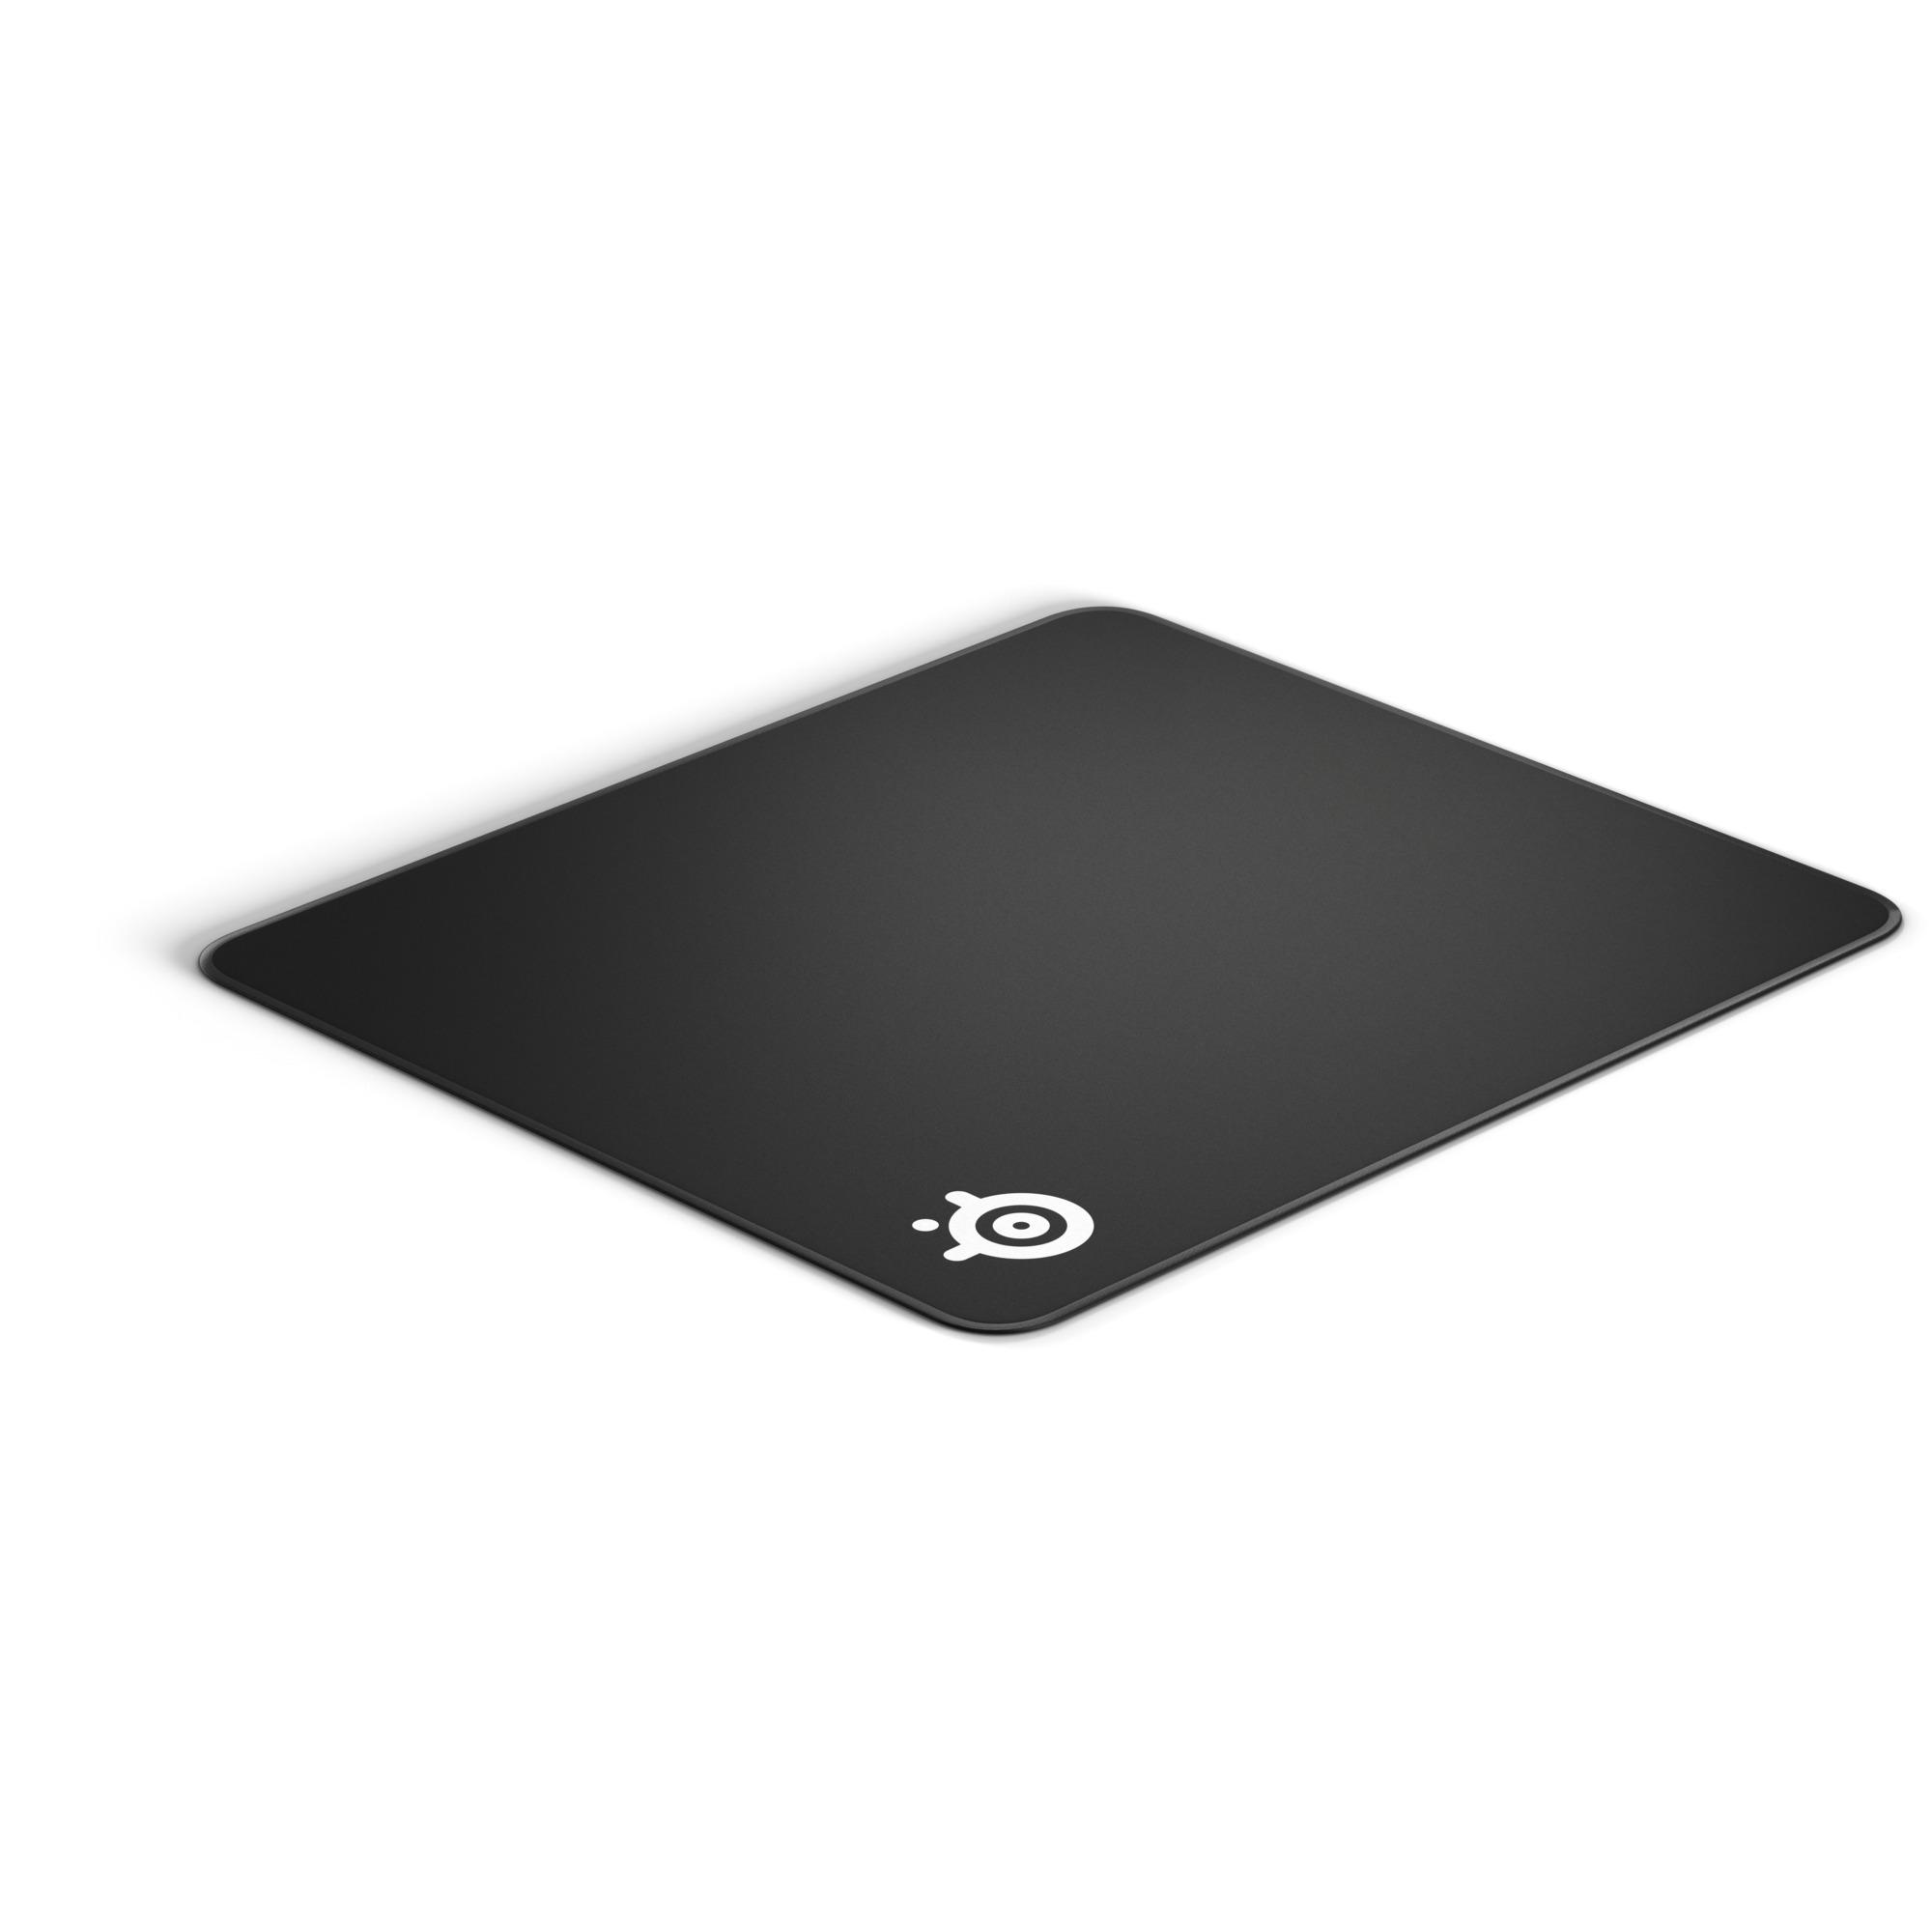 QcK Edge Large Negro Alfombrilla de ratón para juegos, Almohadilla de ratón para juegos